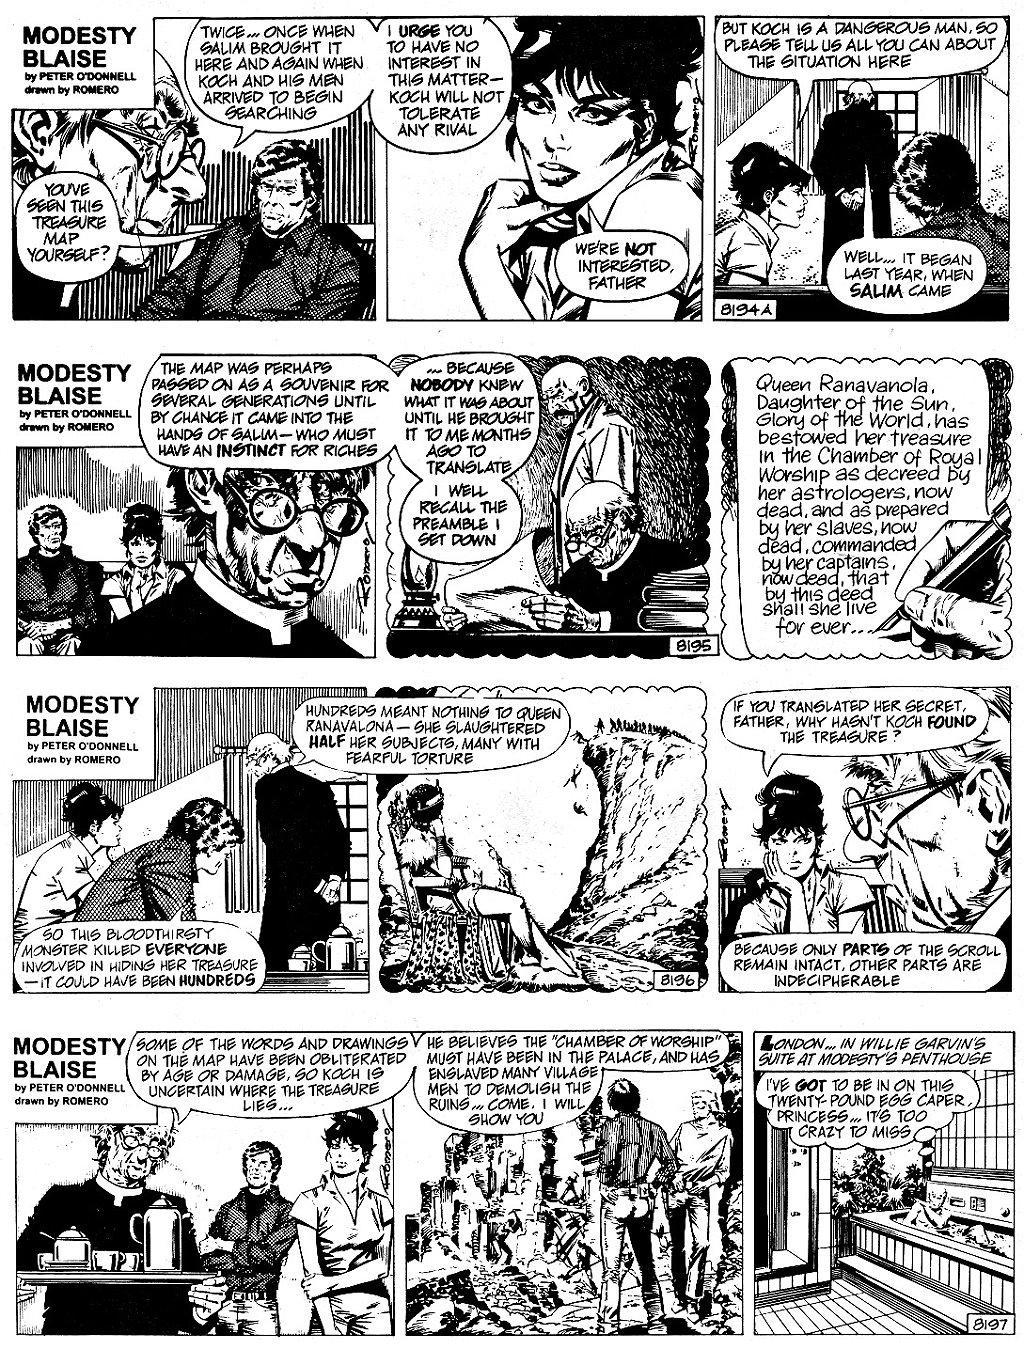 Modesty Blaise The Grim Joker review